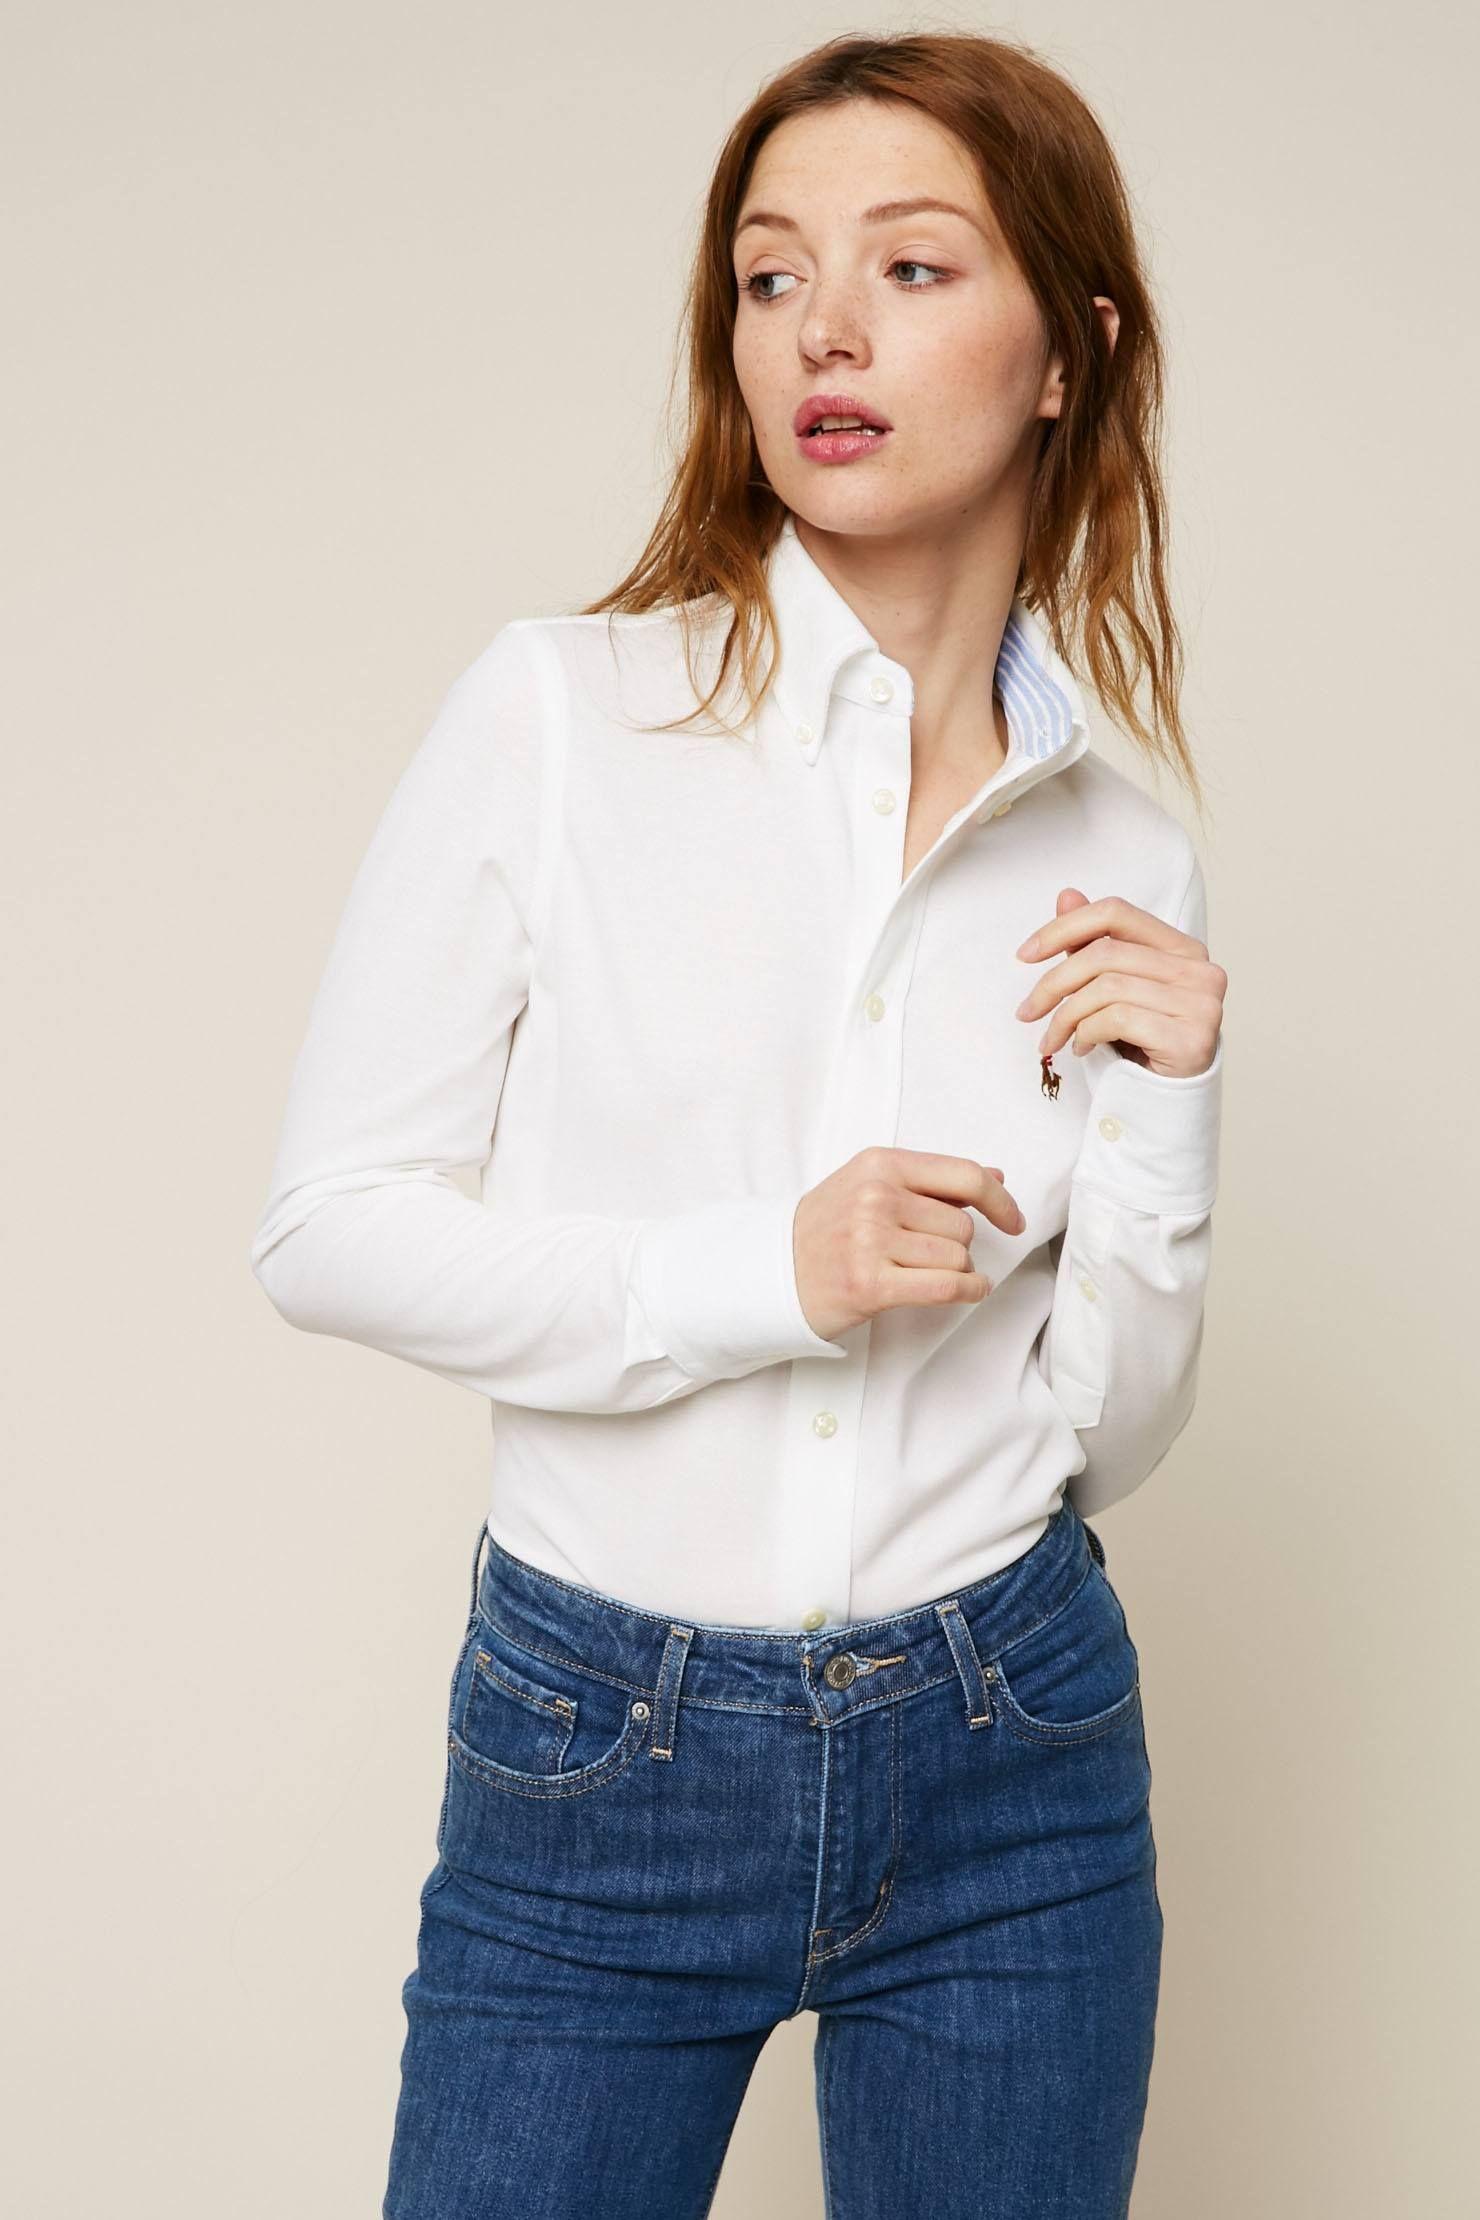 Polo Ralph Lauren Chemise en coton texturé Oxford blanc pas cher prix Chemise  Femme Monshowroom 119.00 € TTC 60d3de9bcff